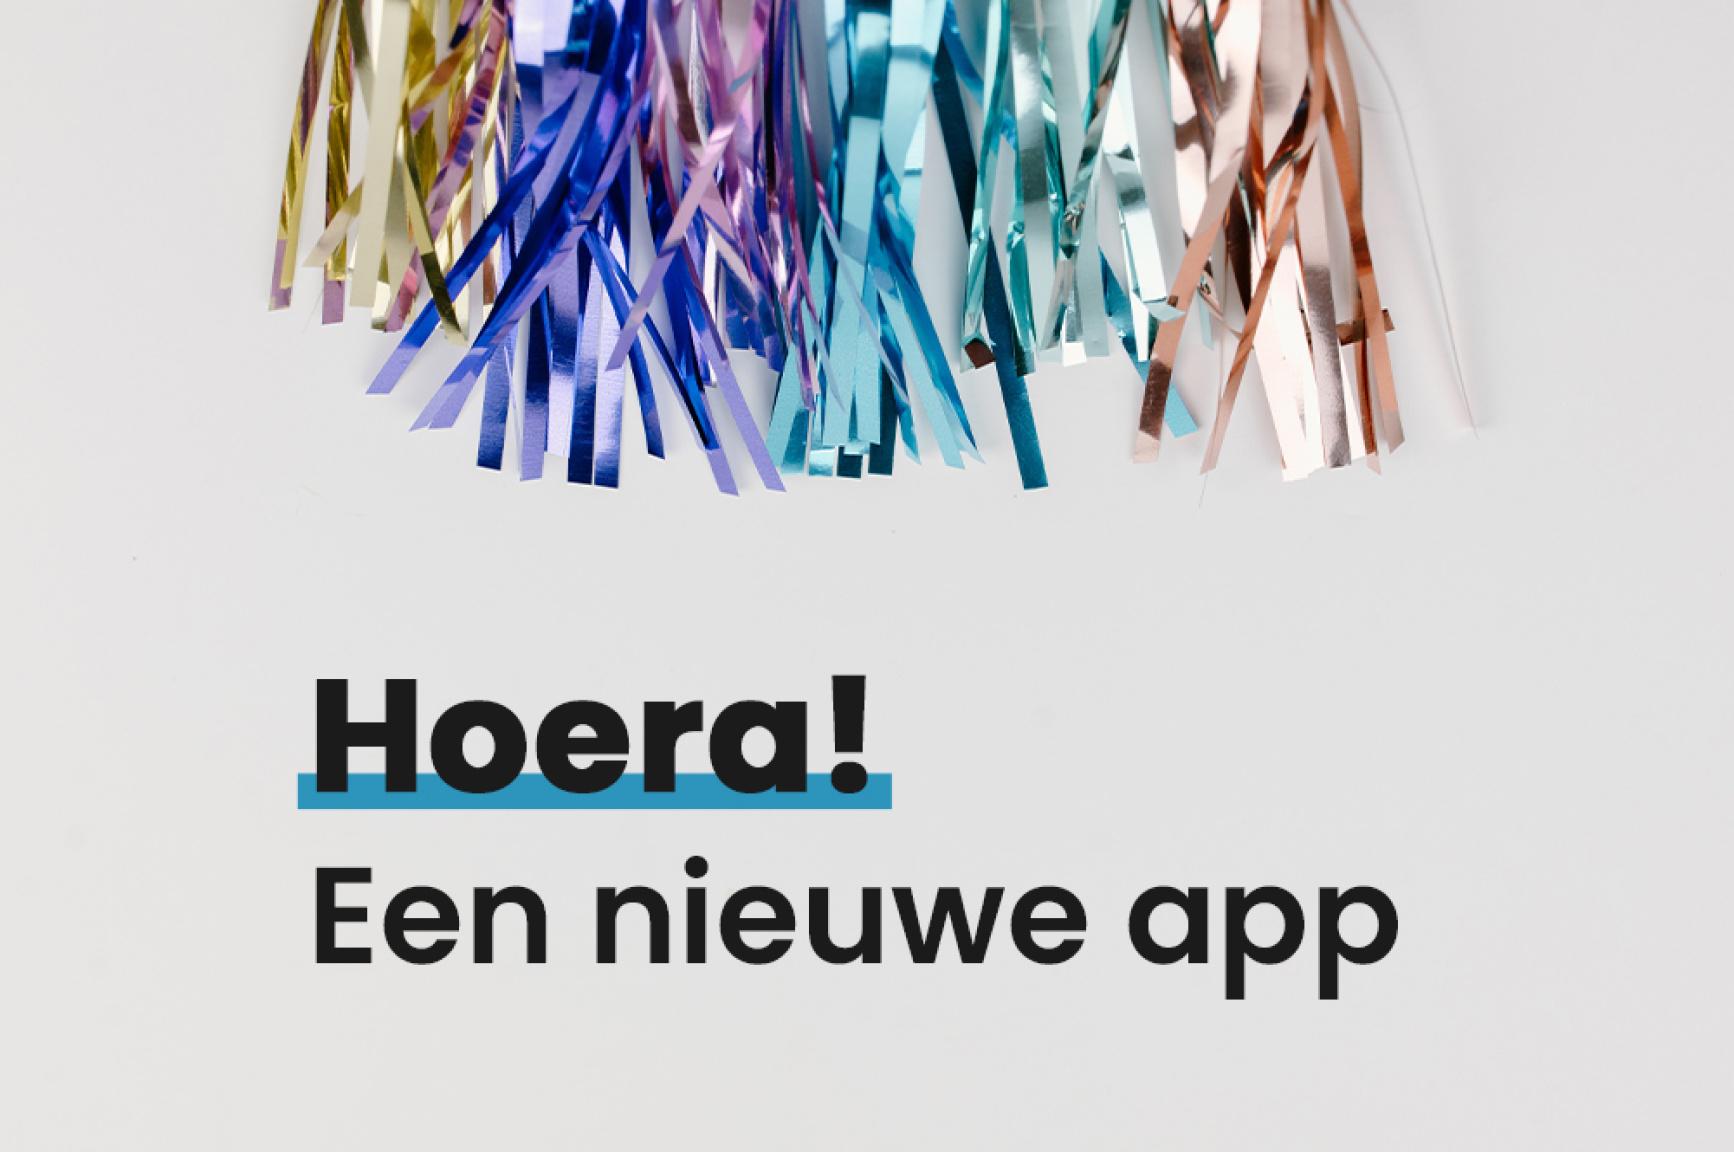 Download onze nieuwe app-2021-09-08 19:46:55